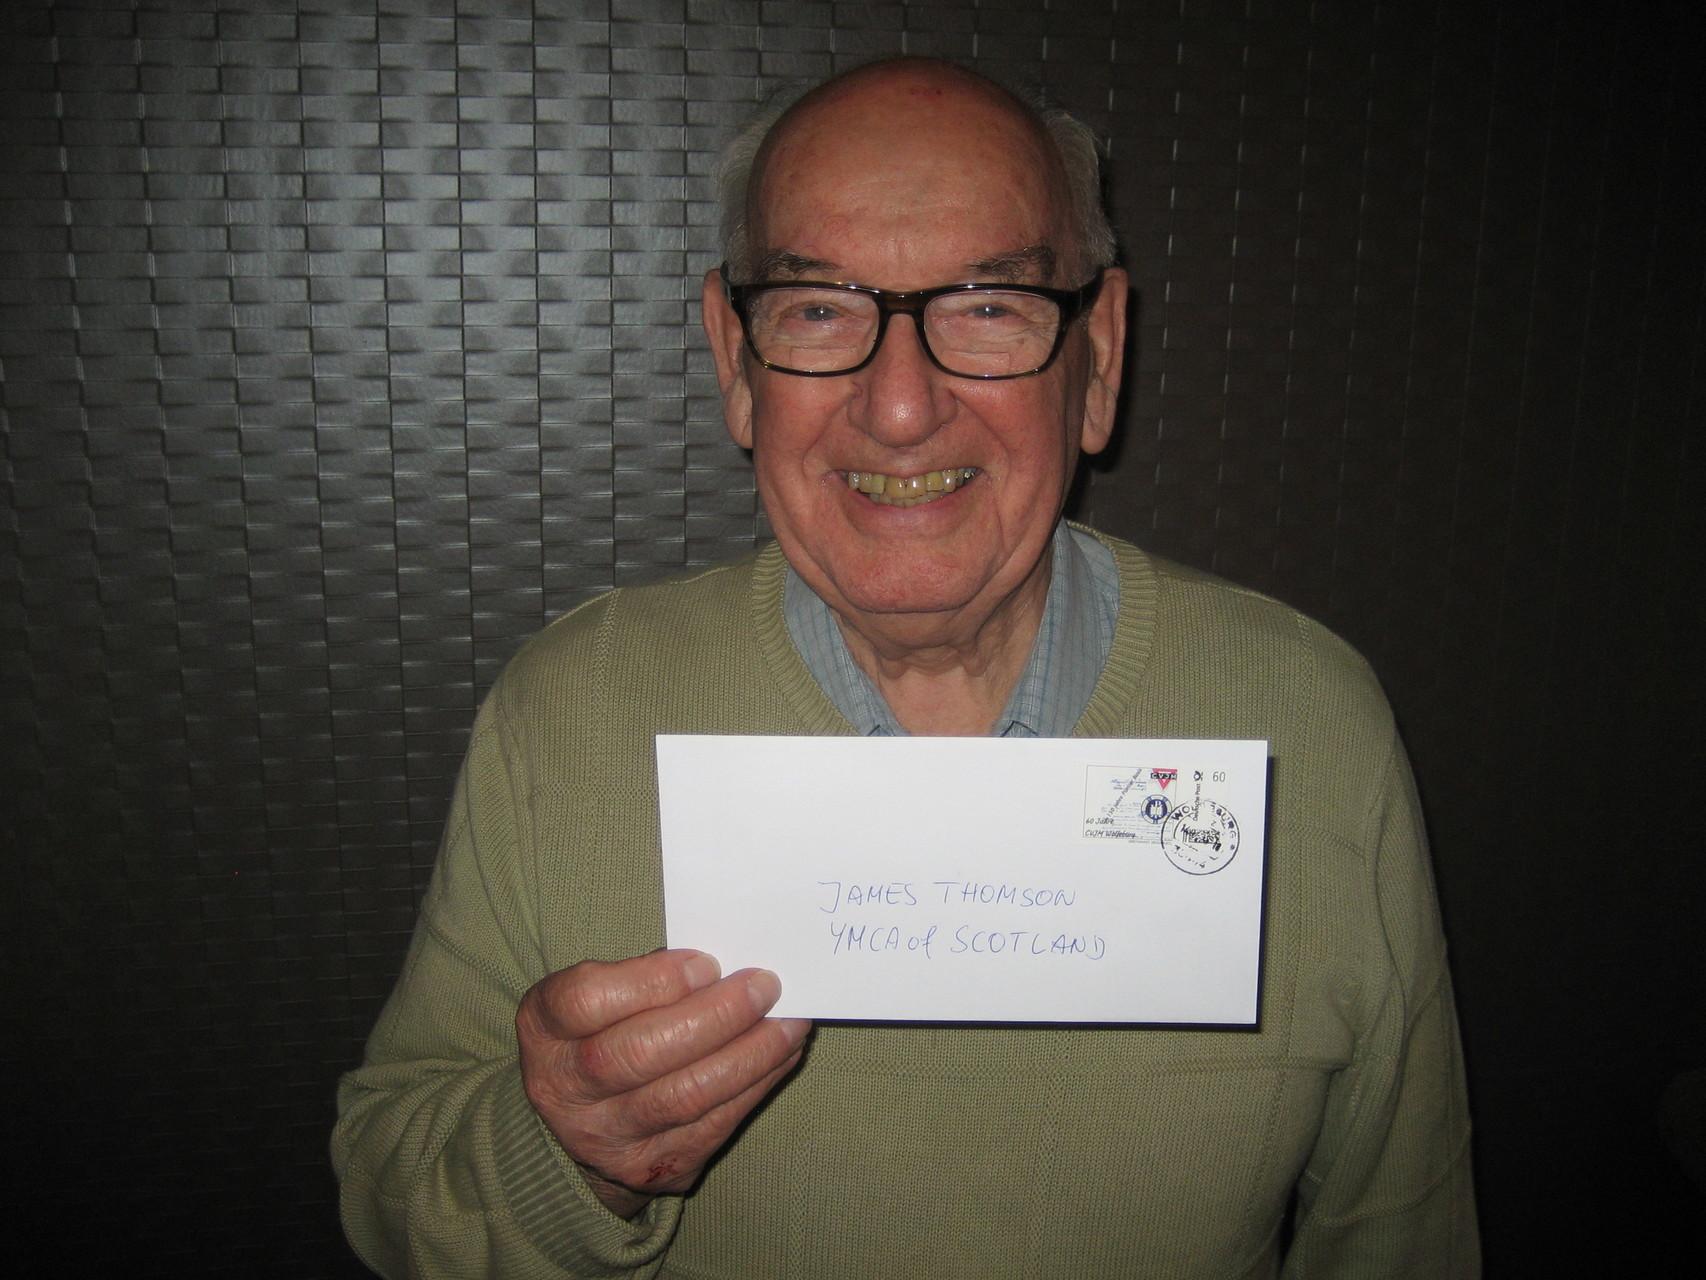 James Thomson vom YMCA Schottland und ehemals Mitarbeiter des CVJM Weltbundes